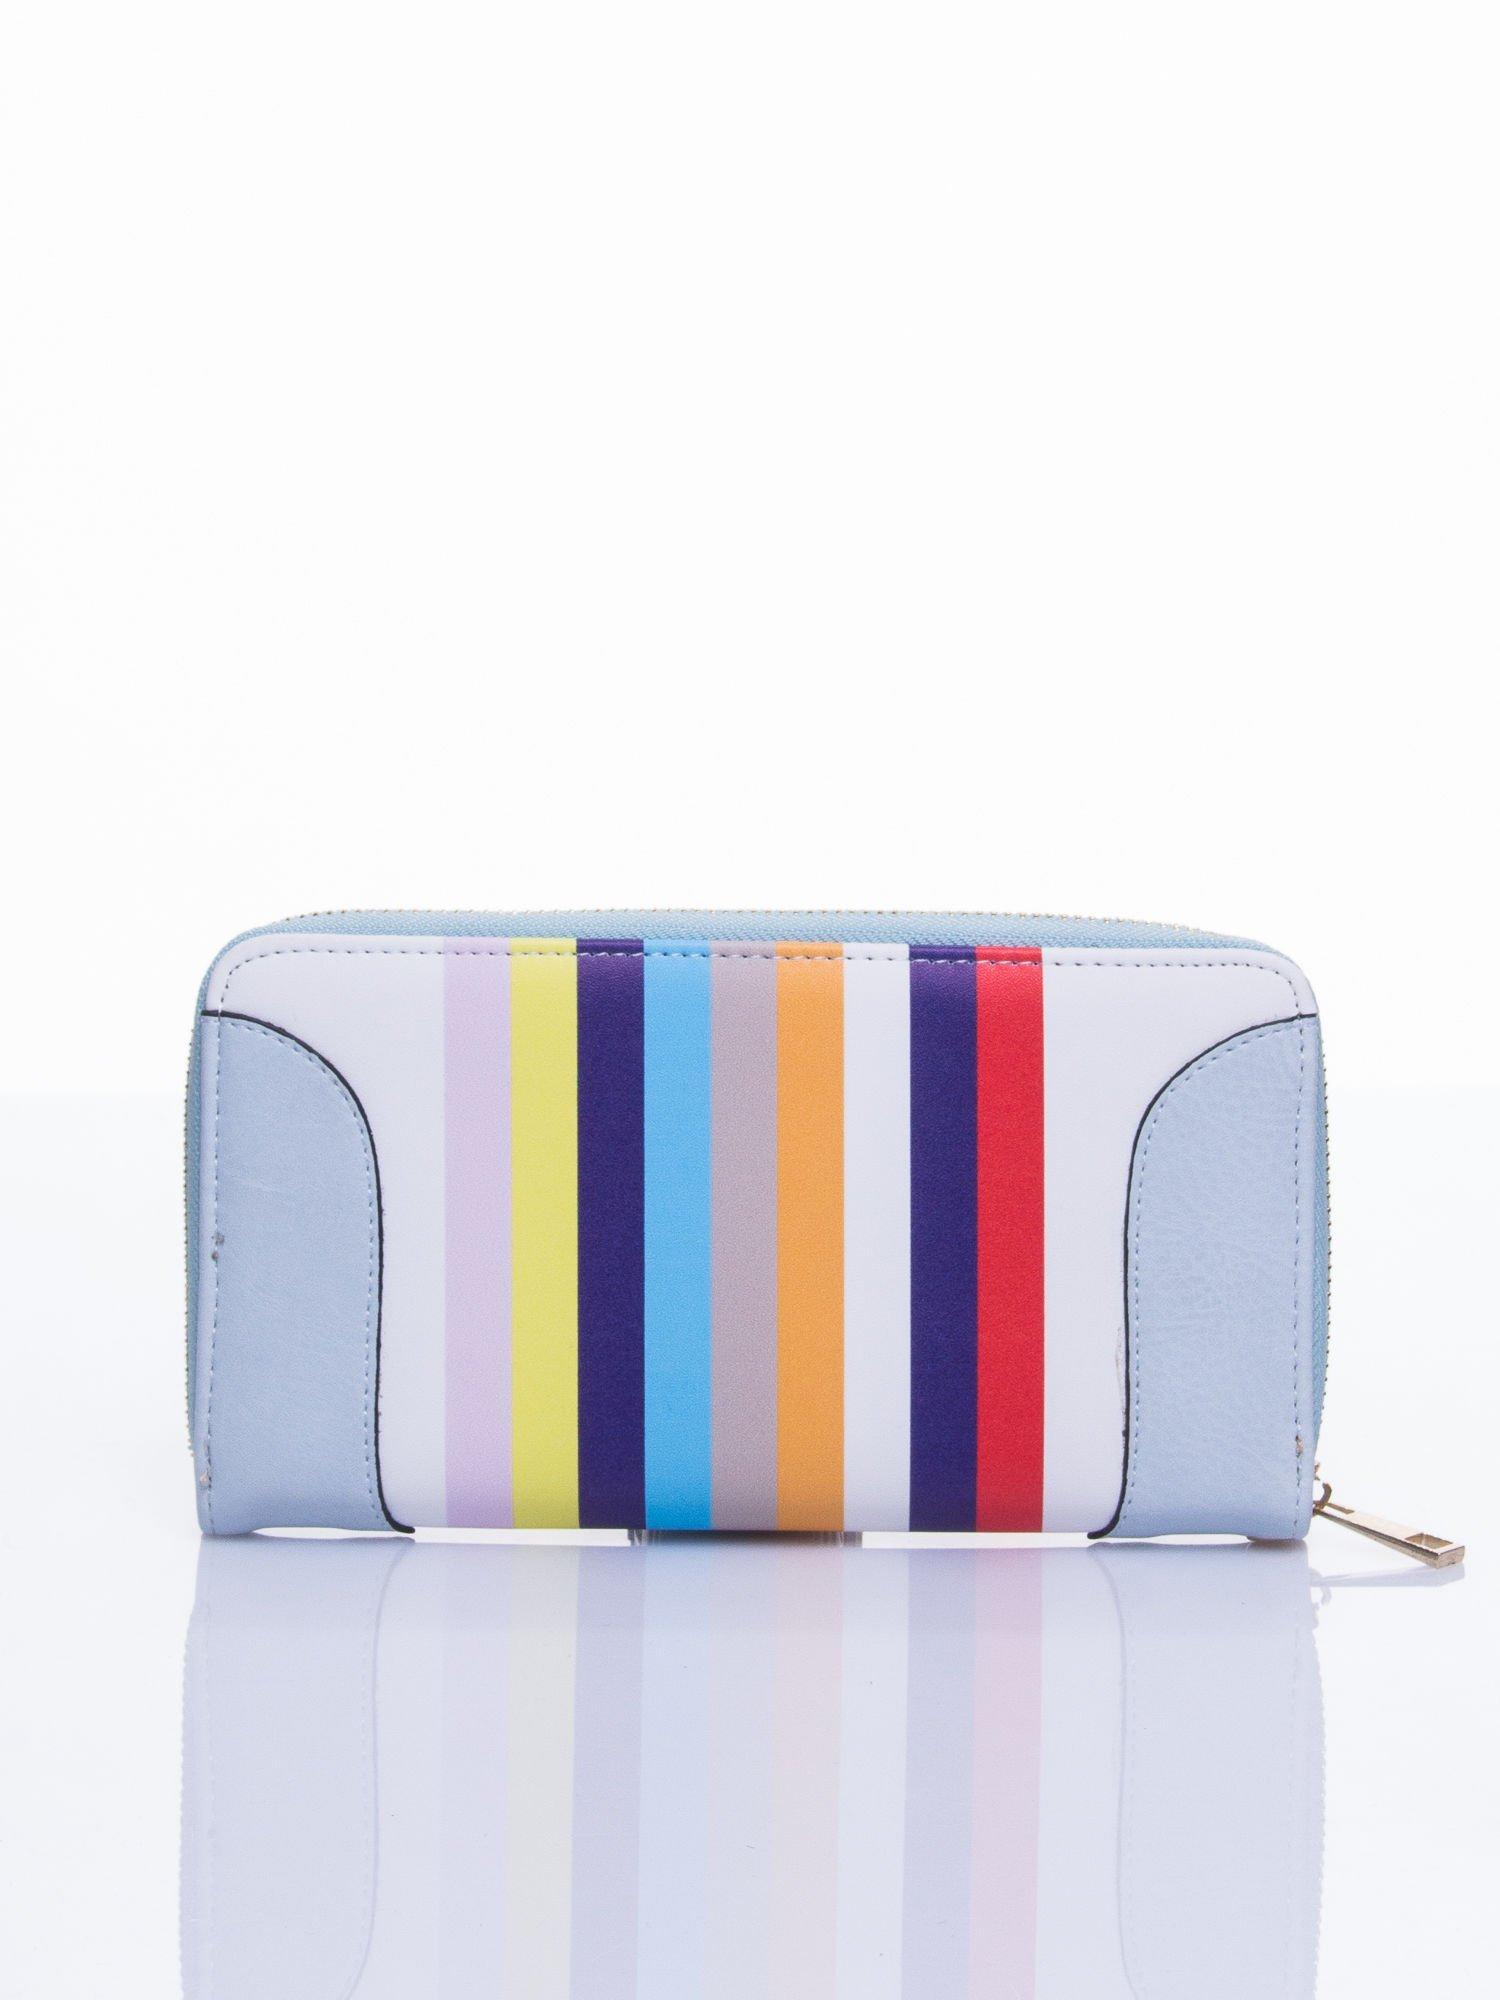 Jasnoniebieski portfel w paski z kieszonką                                  zdj.                                  1